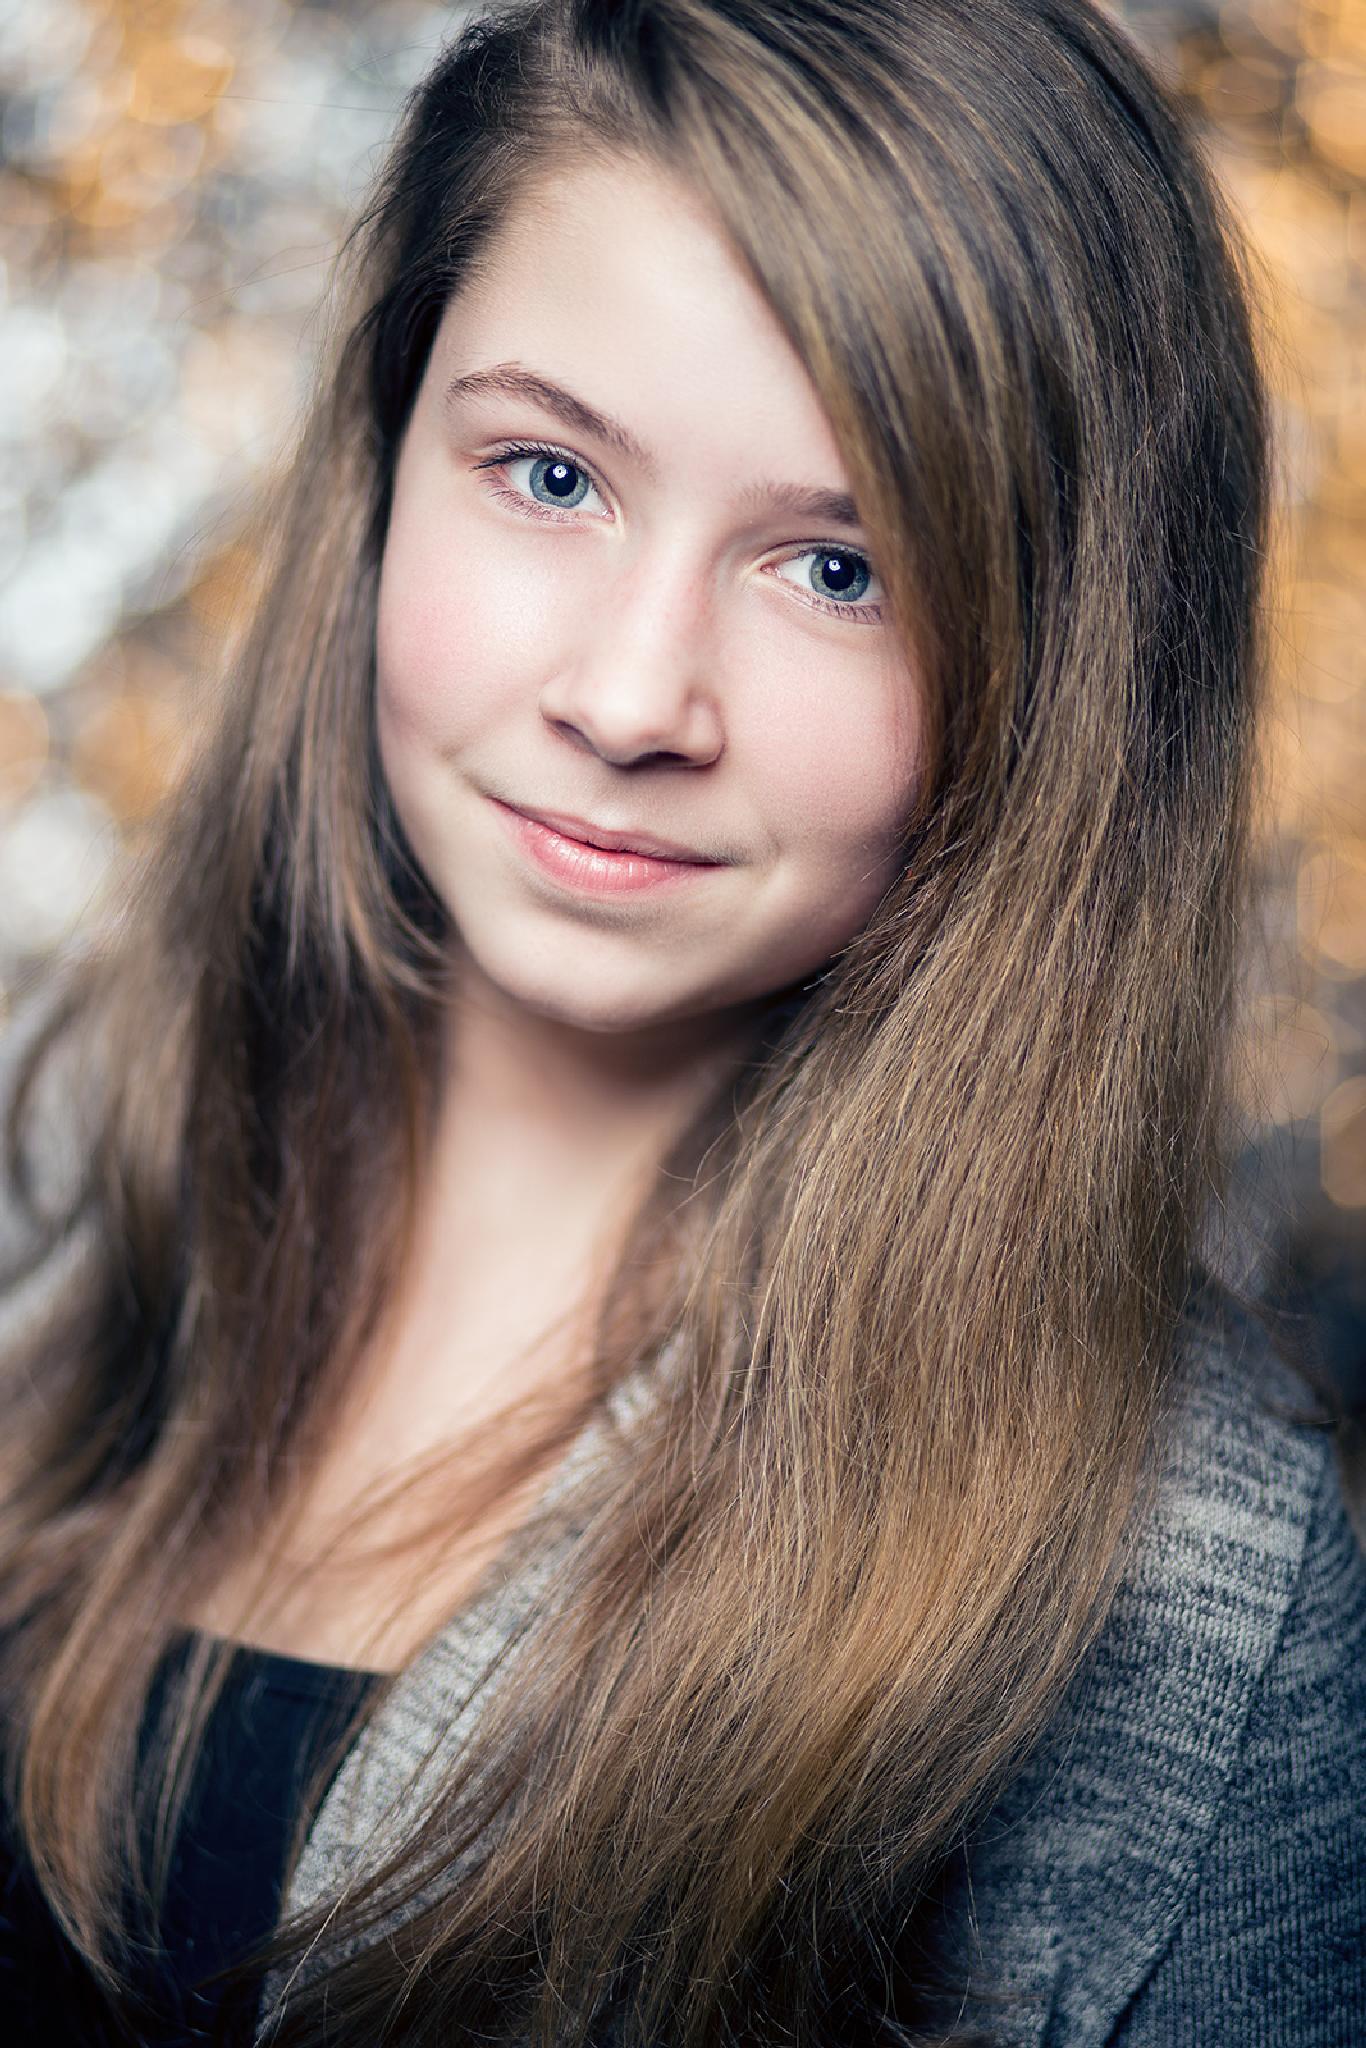 Lara by Mirko Waltermann